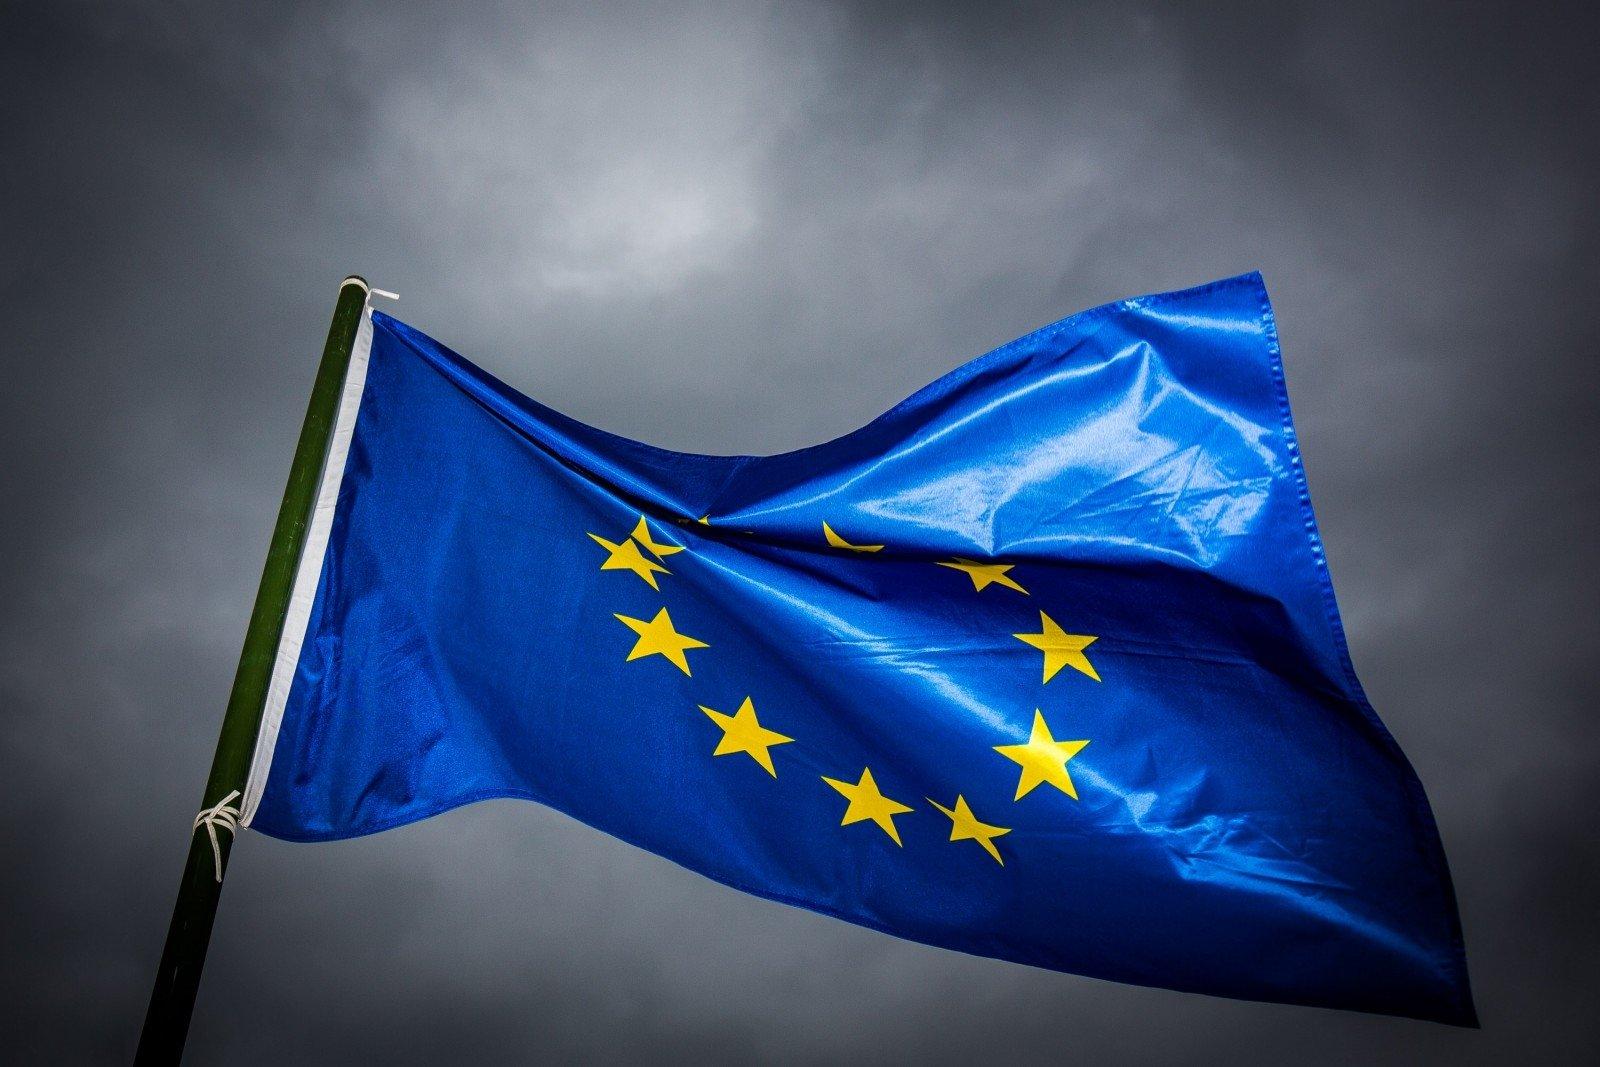 Флаг Евросоюза.